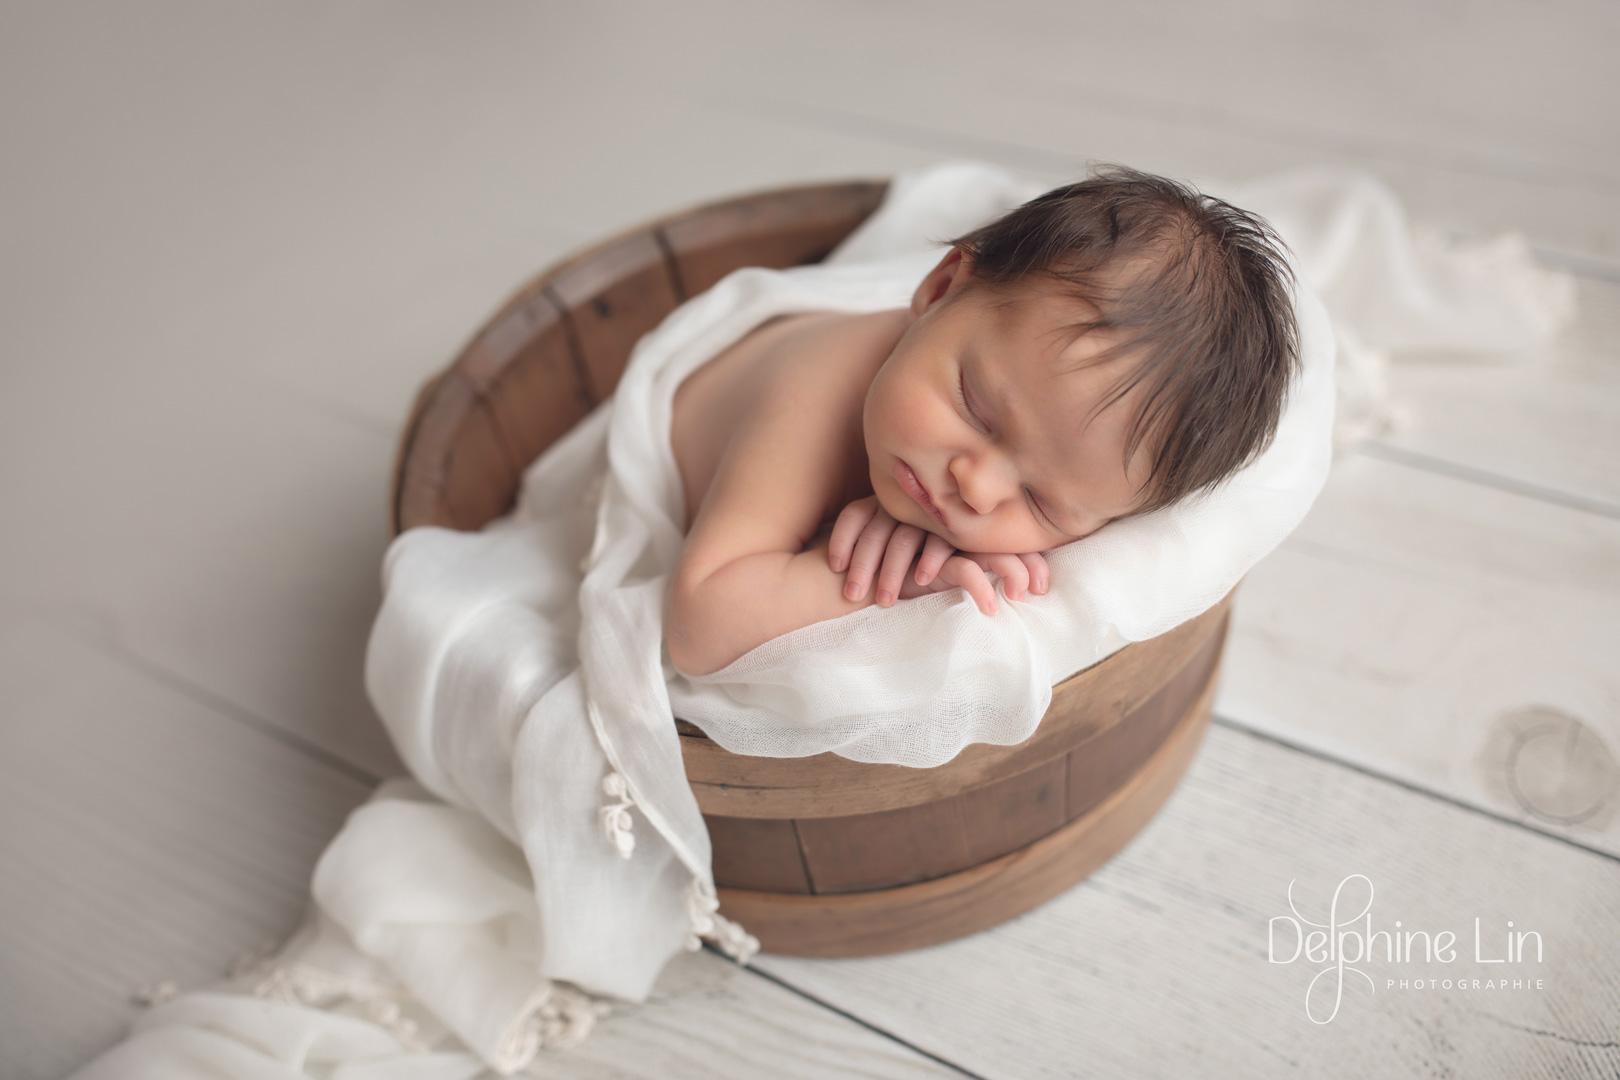 Delphine Lin Photographie nouveau-né posing